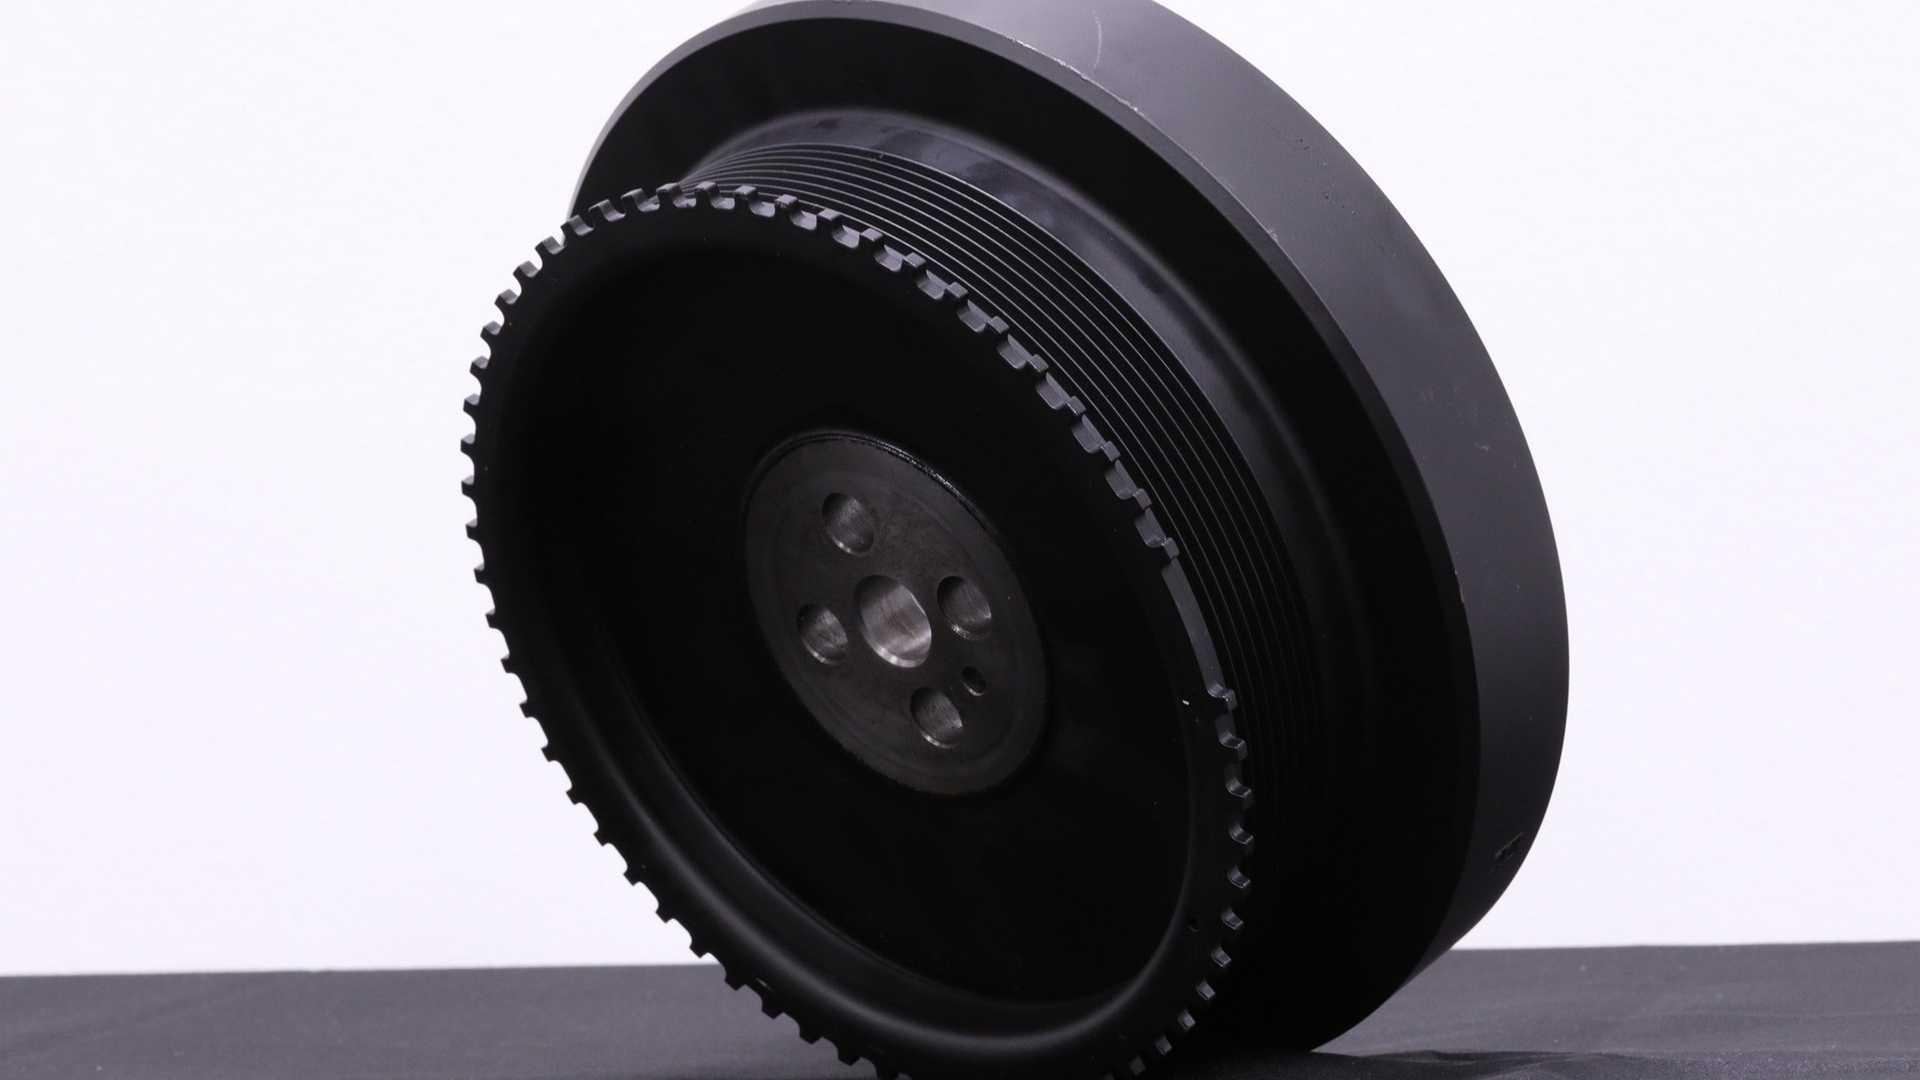 2019-ram-heavy-duty-powertrain-technologies (50)